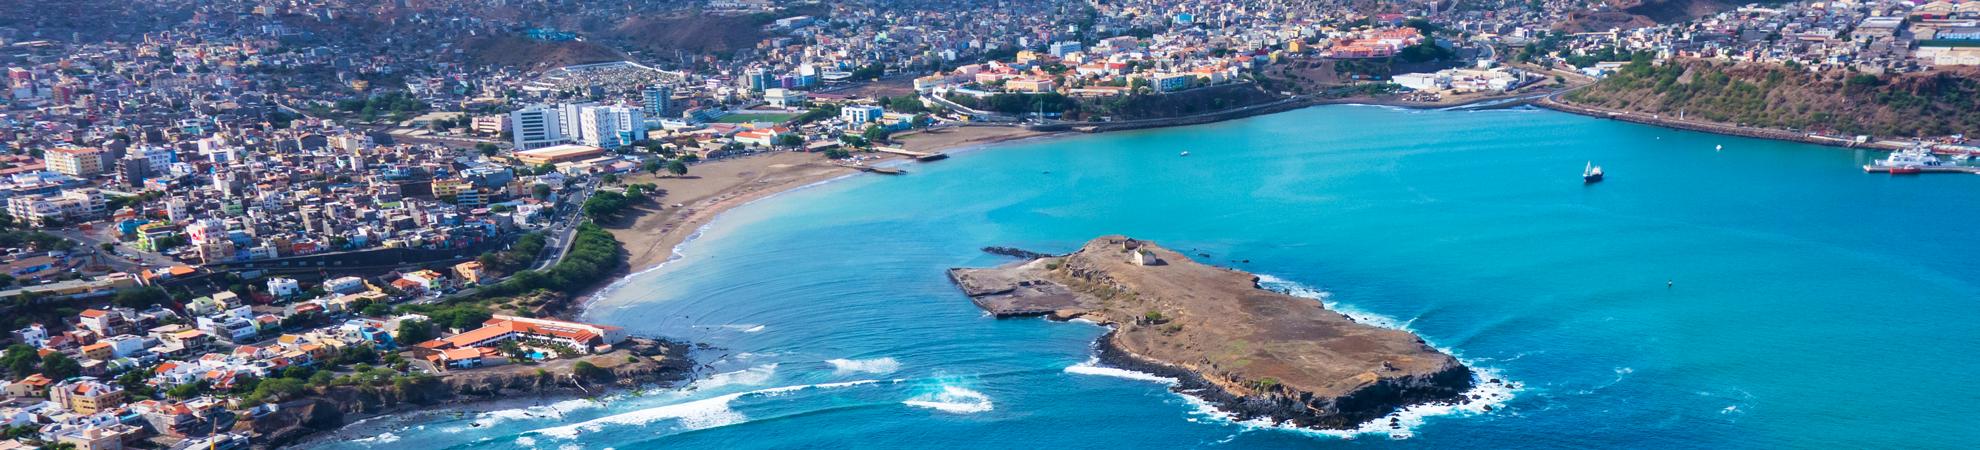 Vacances Cap Vert